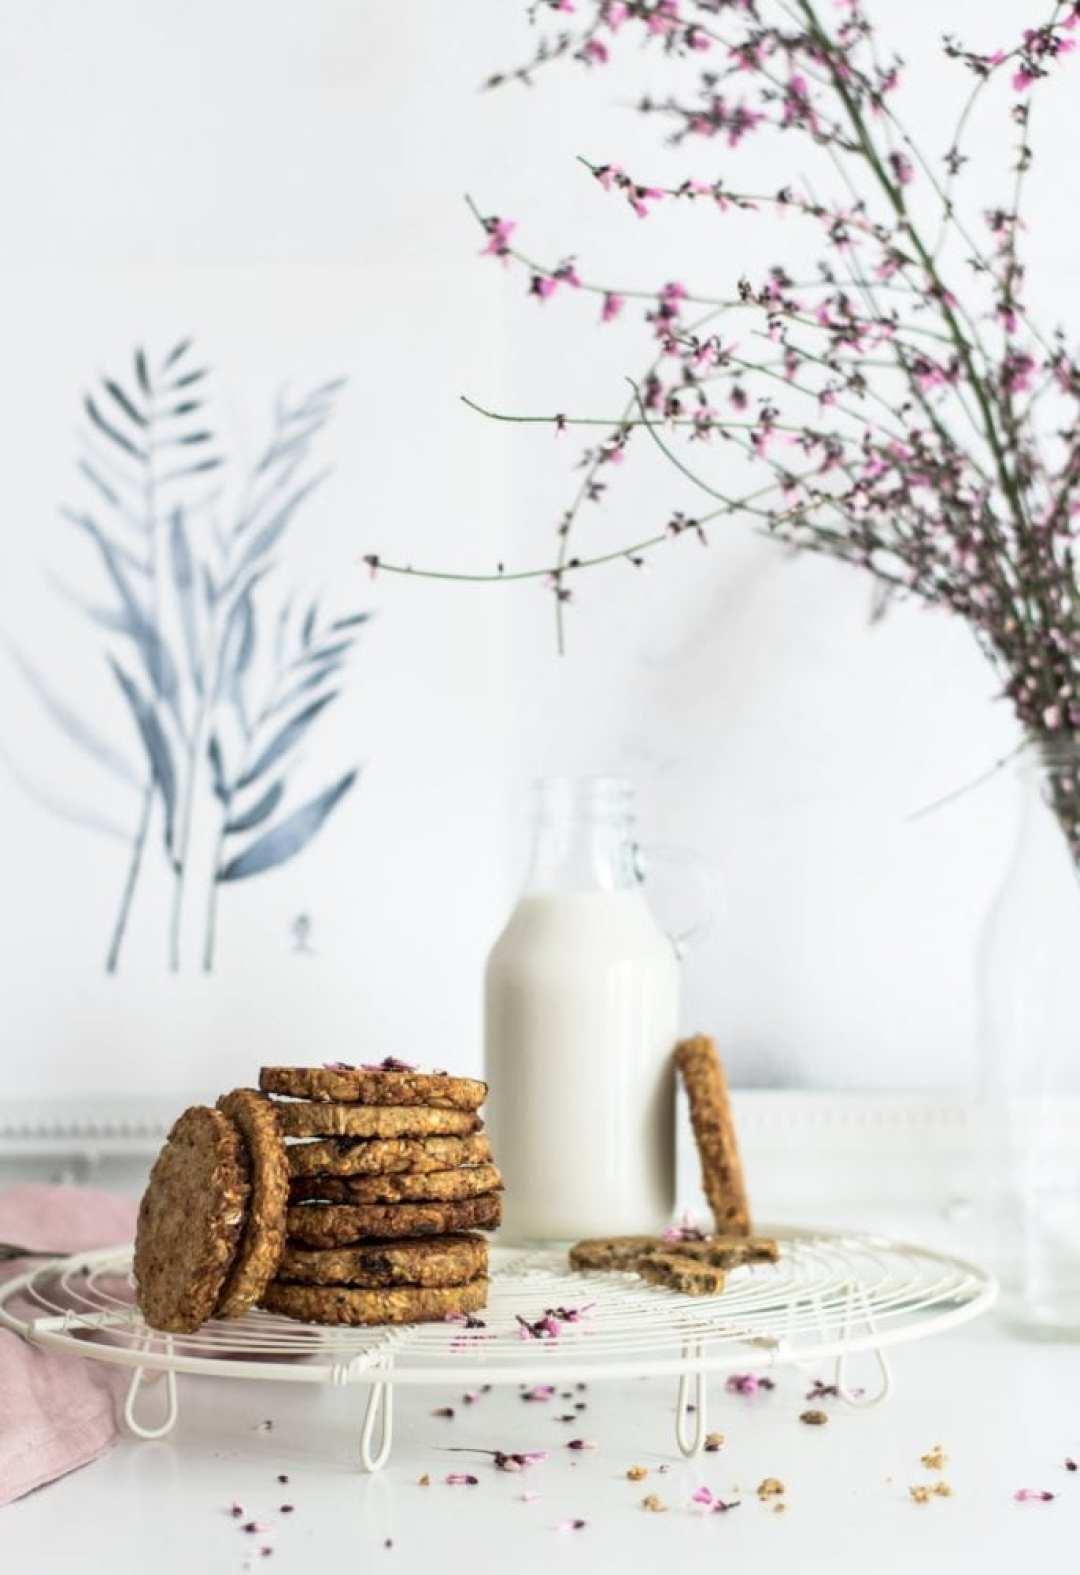 Les cookies sont meilleurs trempés dans le lait, c'est chimiquement prouvé